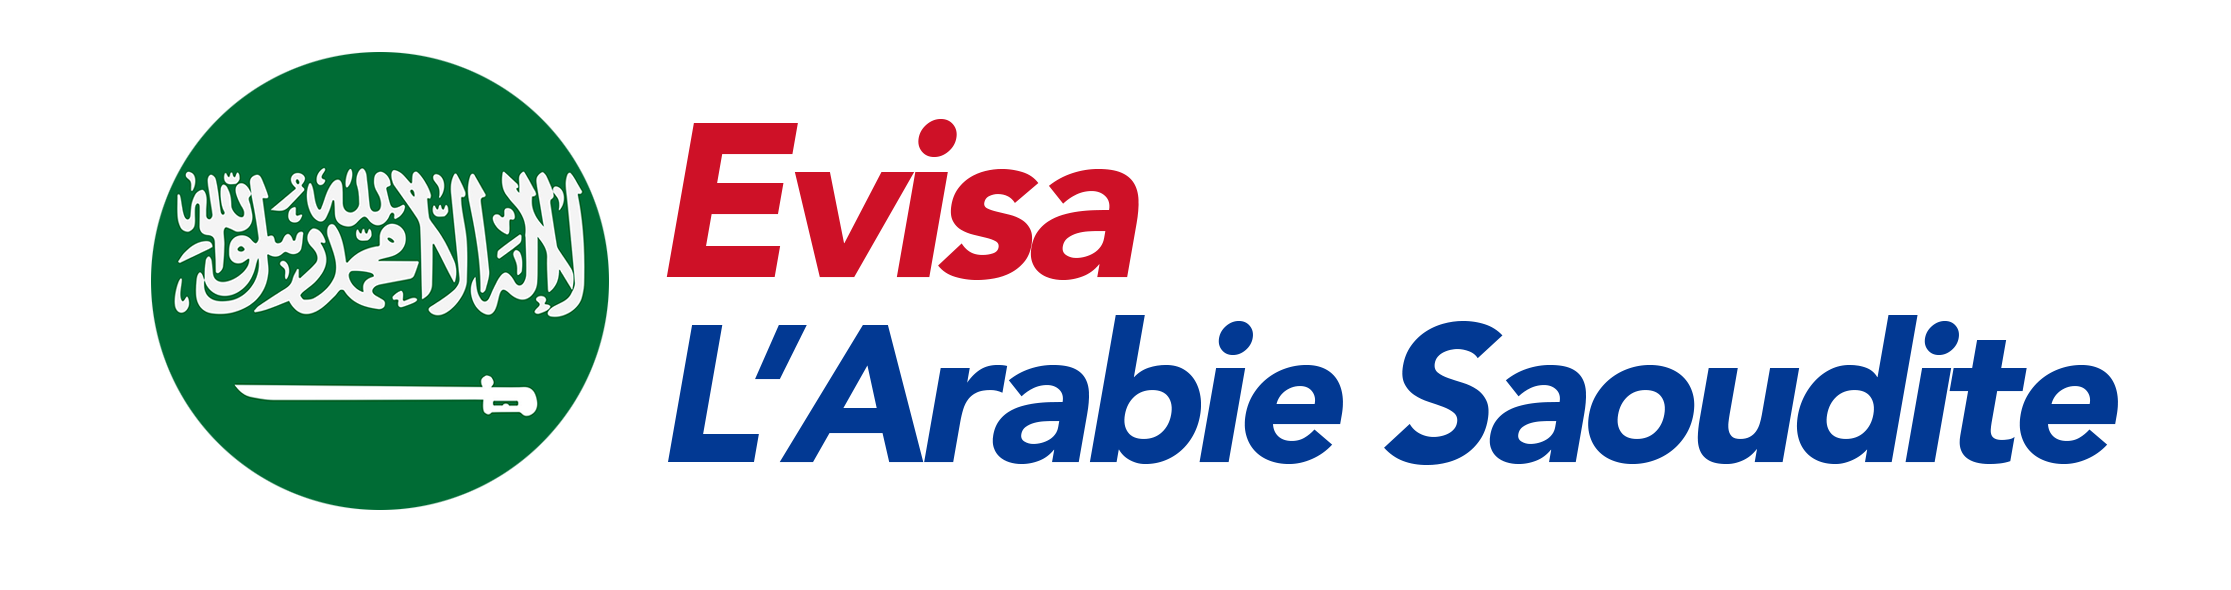 Evisa Saudi Arabia Official Get Your E Visa Online Saudi Arabia Visa